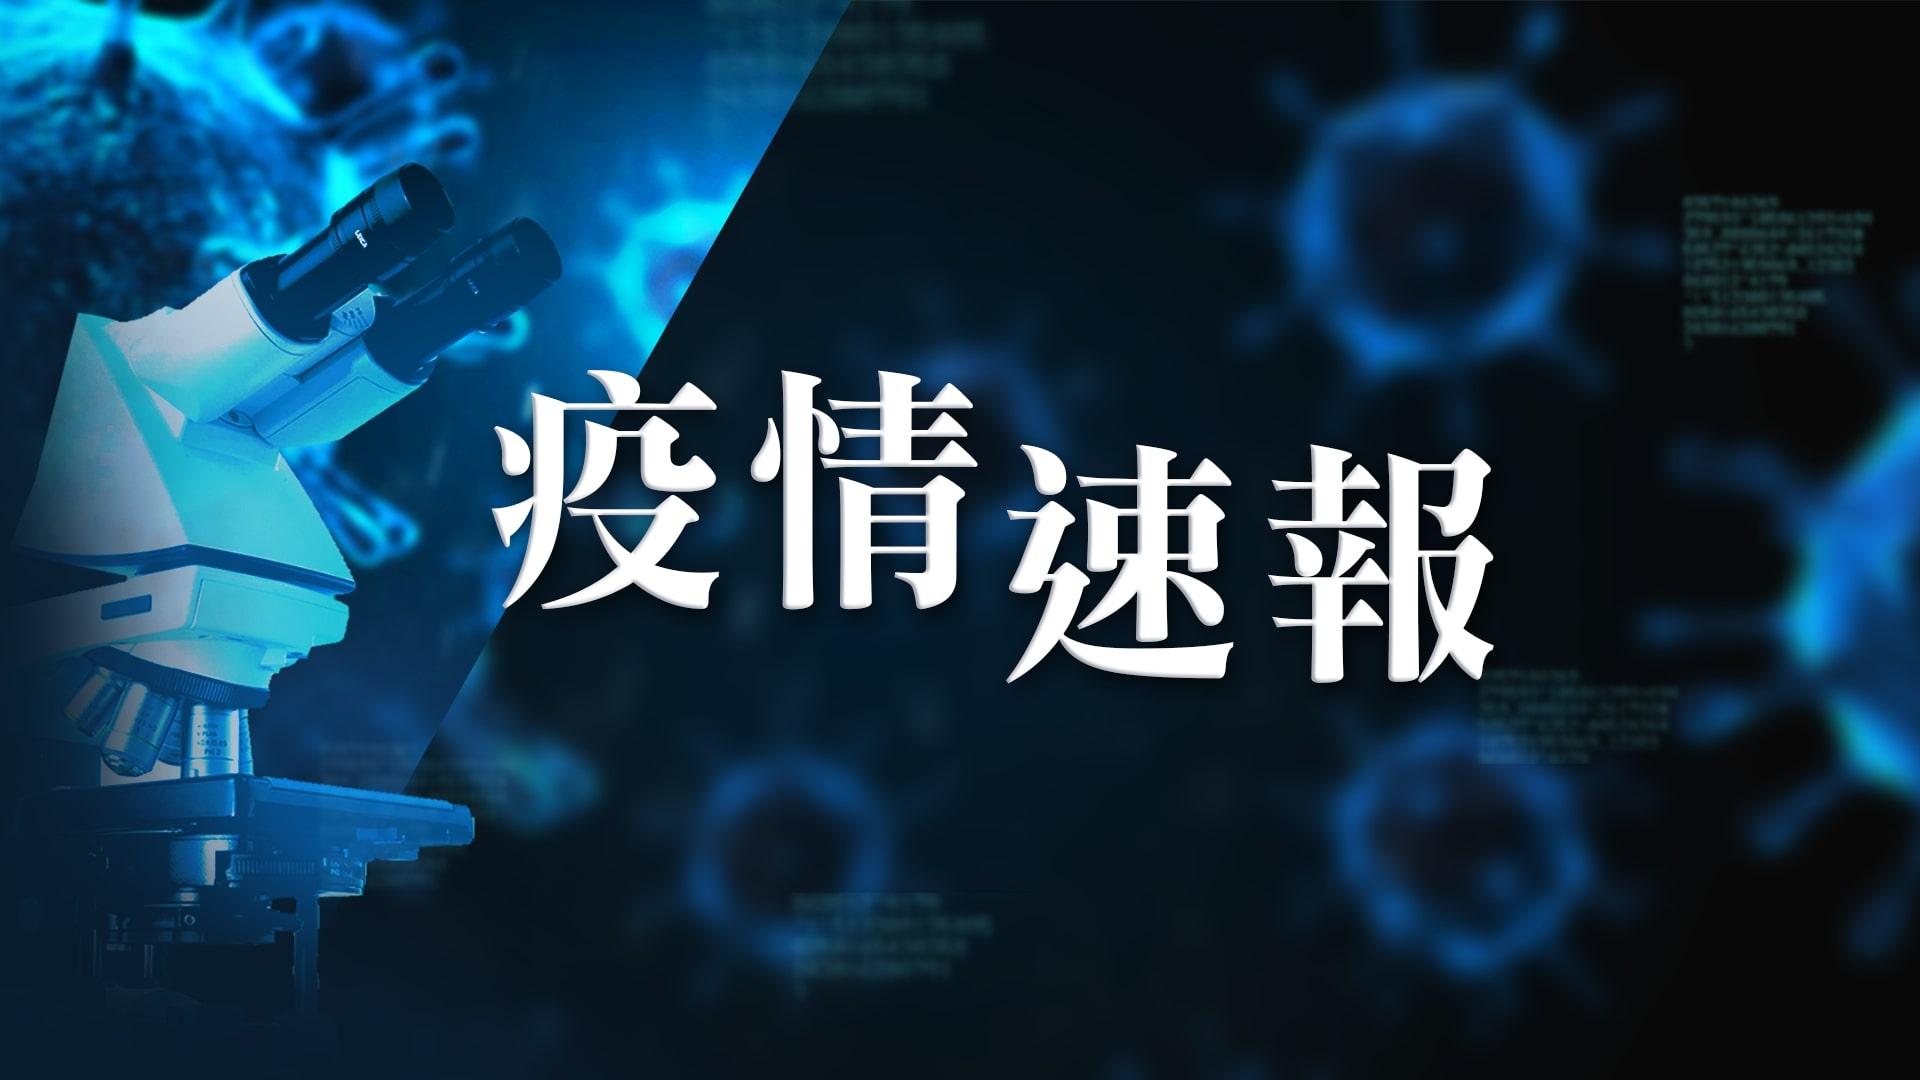 【10月31日疫情速報】(15:10)